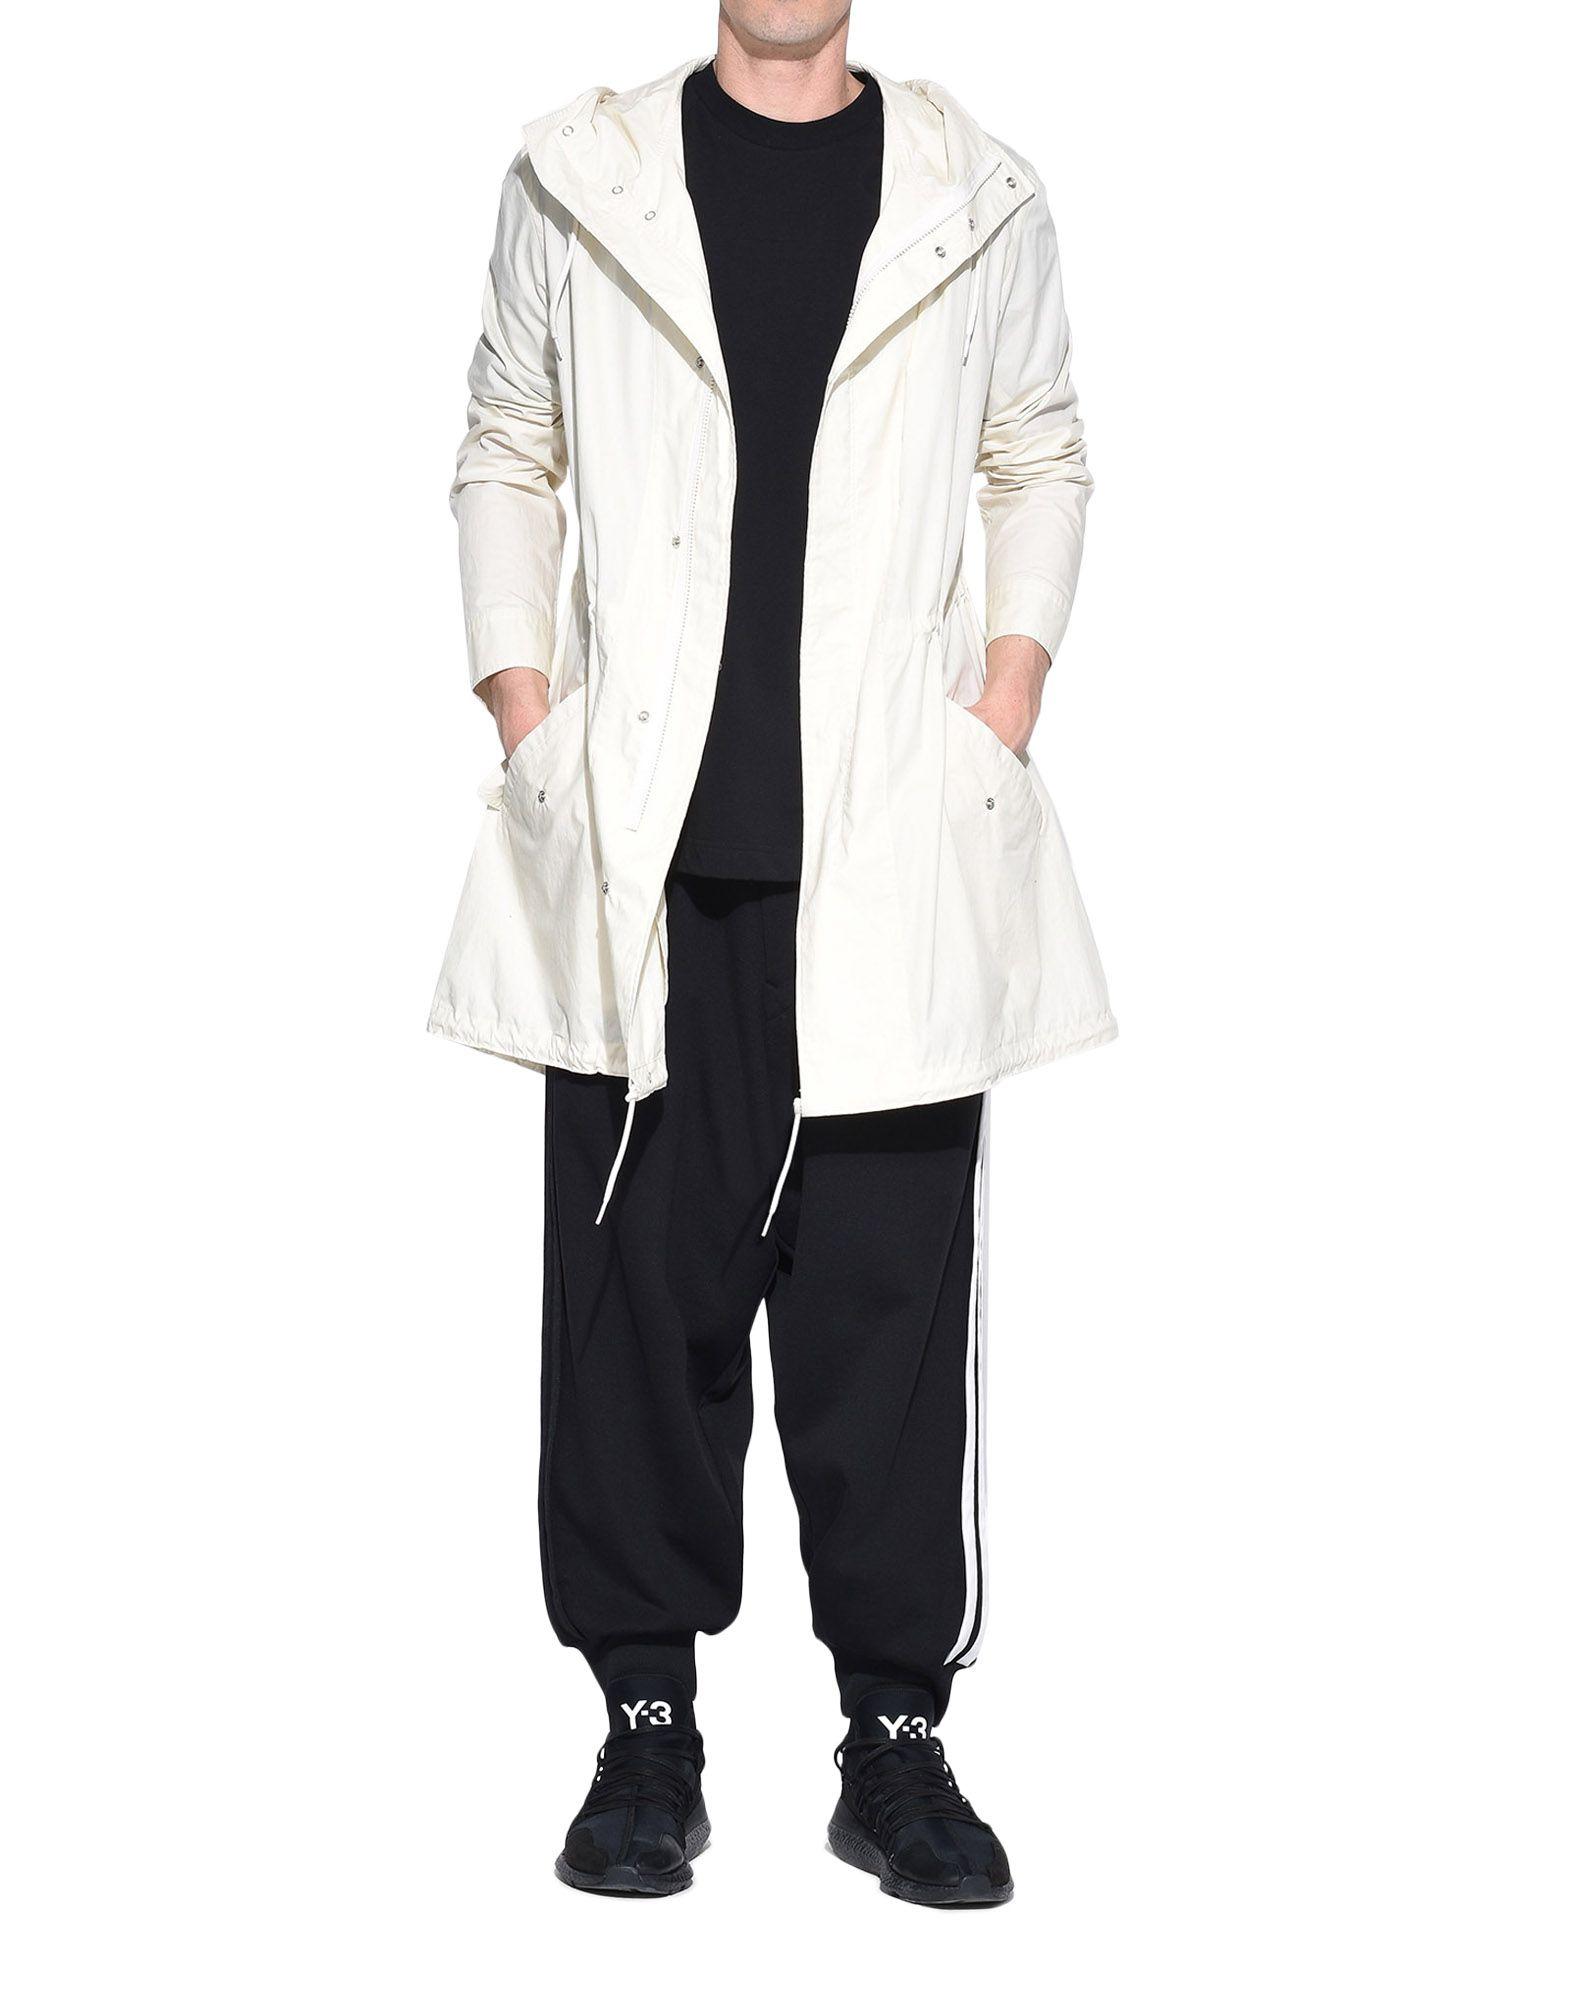 Y-3 Y-3 Mod Parka Shirt フォーマルジャケット メンズ a